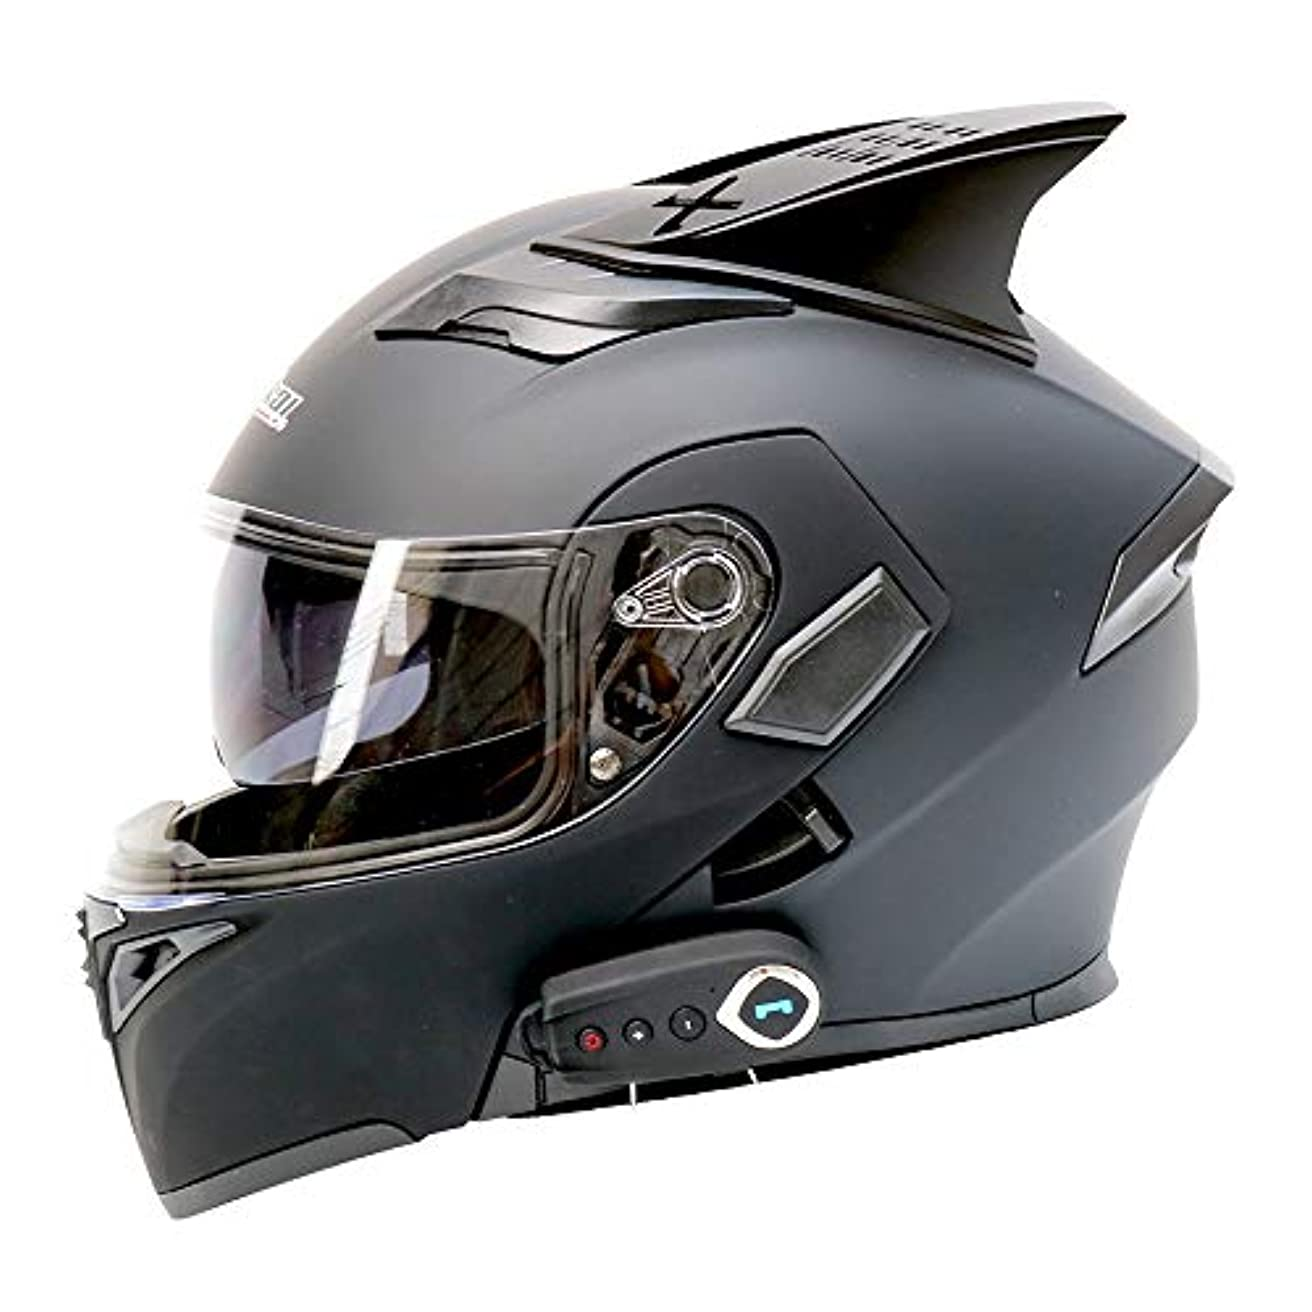 レオナルドダ地質学見分けるZXF 電動オートバイブルートゥースヘルメットブルートゥースオートバイフルフェイスヘルメットダブルレンズオープンフェイスヘルメットフルフェイスヘルメット付きFMベルトホーン - ABS素材 - マットブラック - ラージ 安全 (Size : XXL)